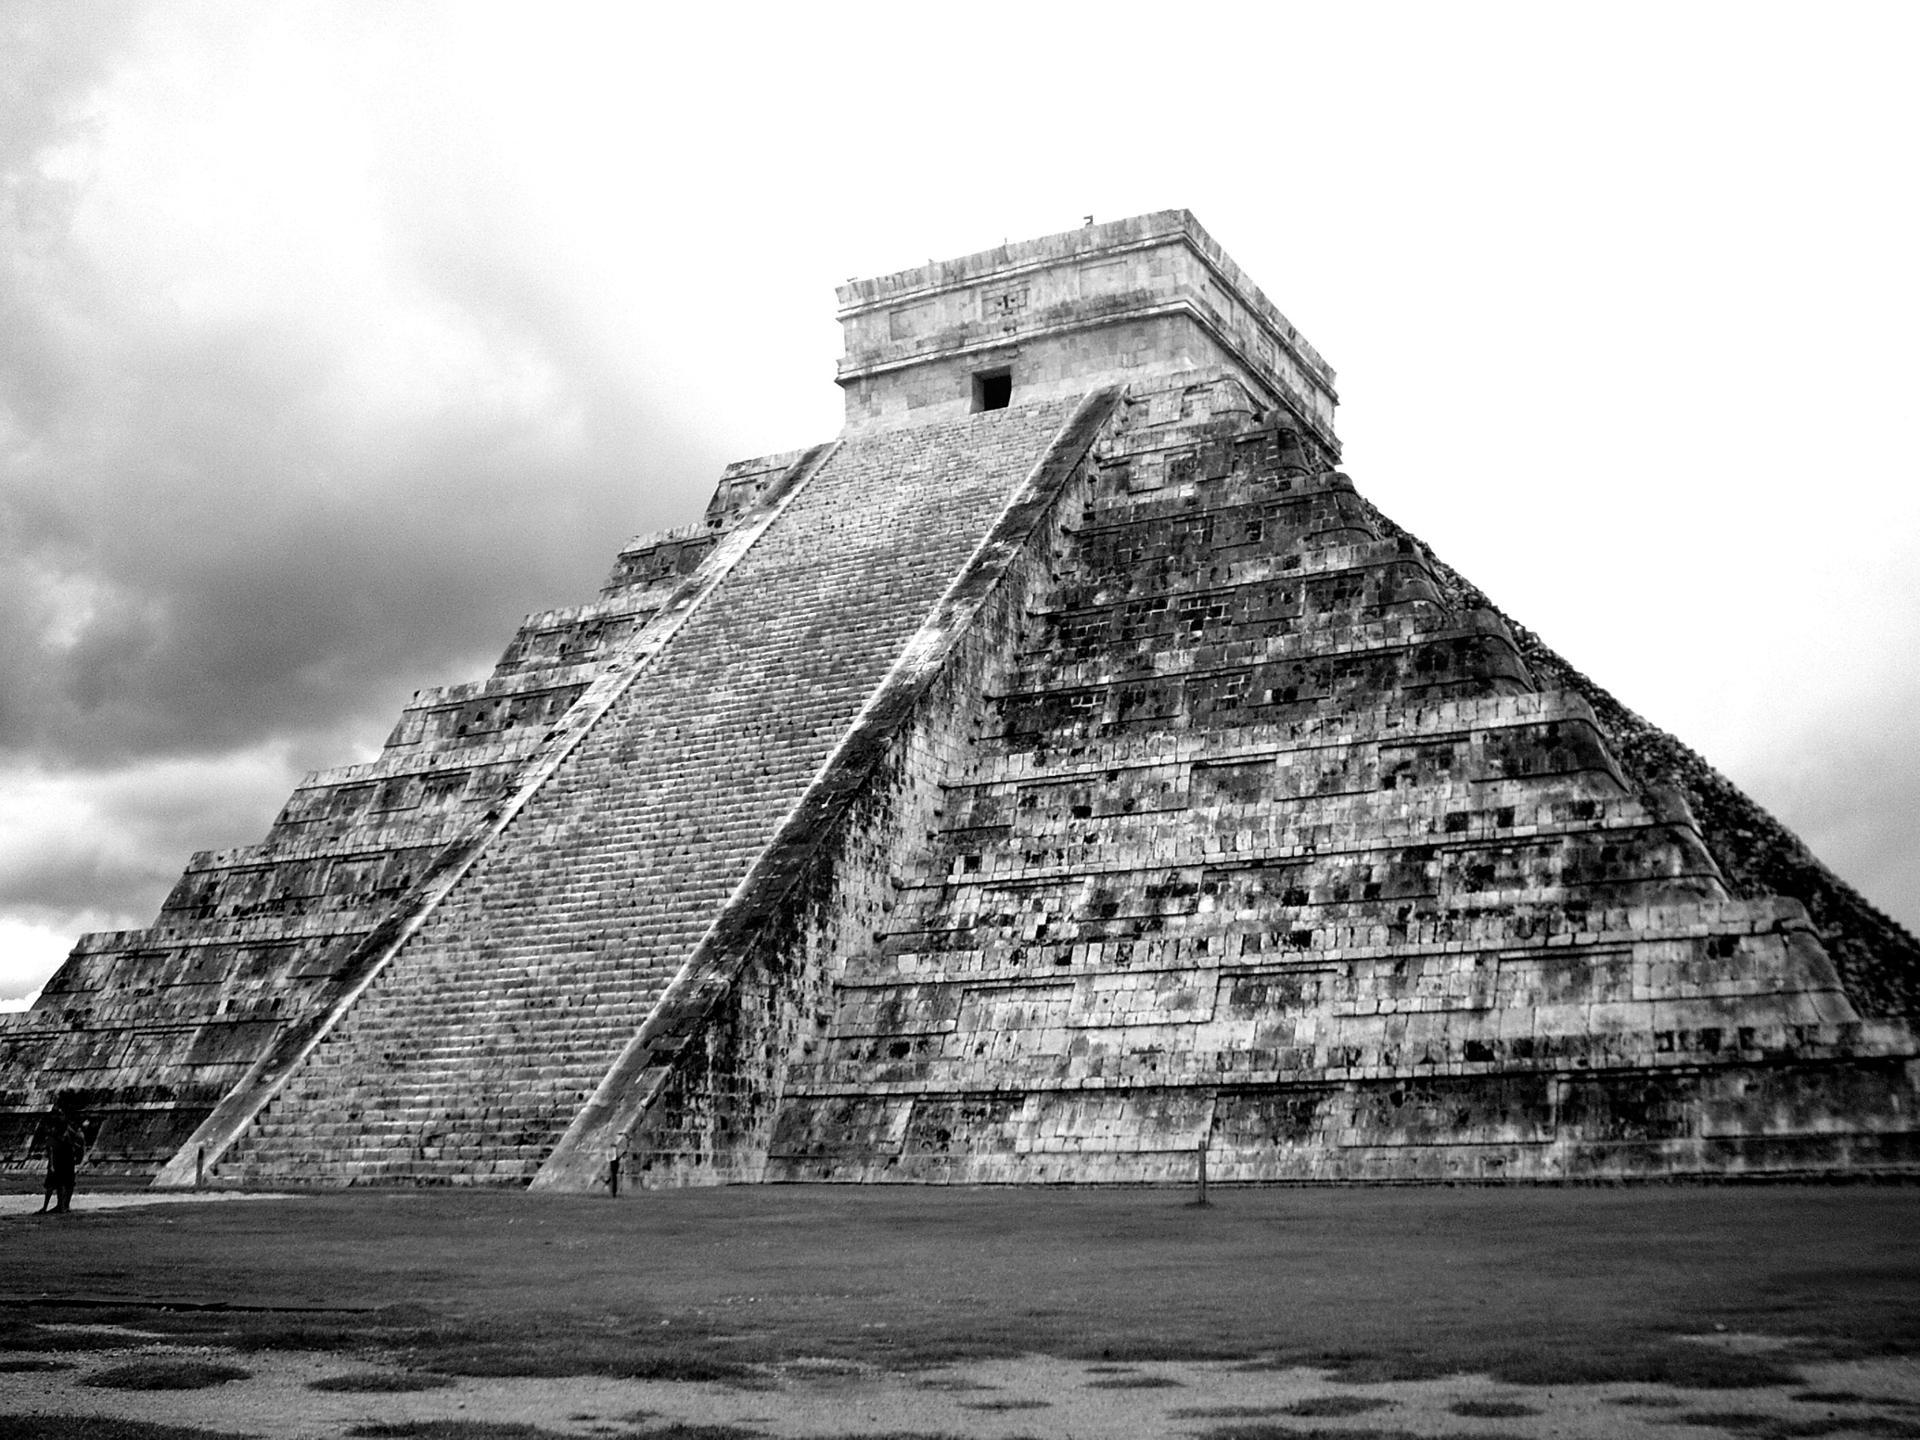 La pyramide parfaite